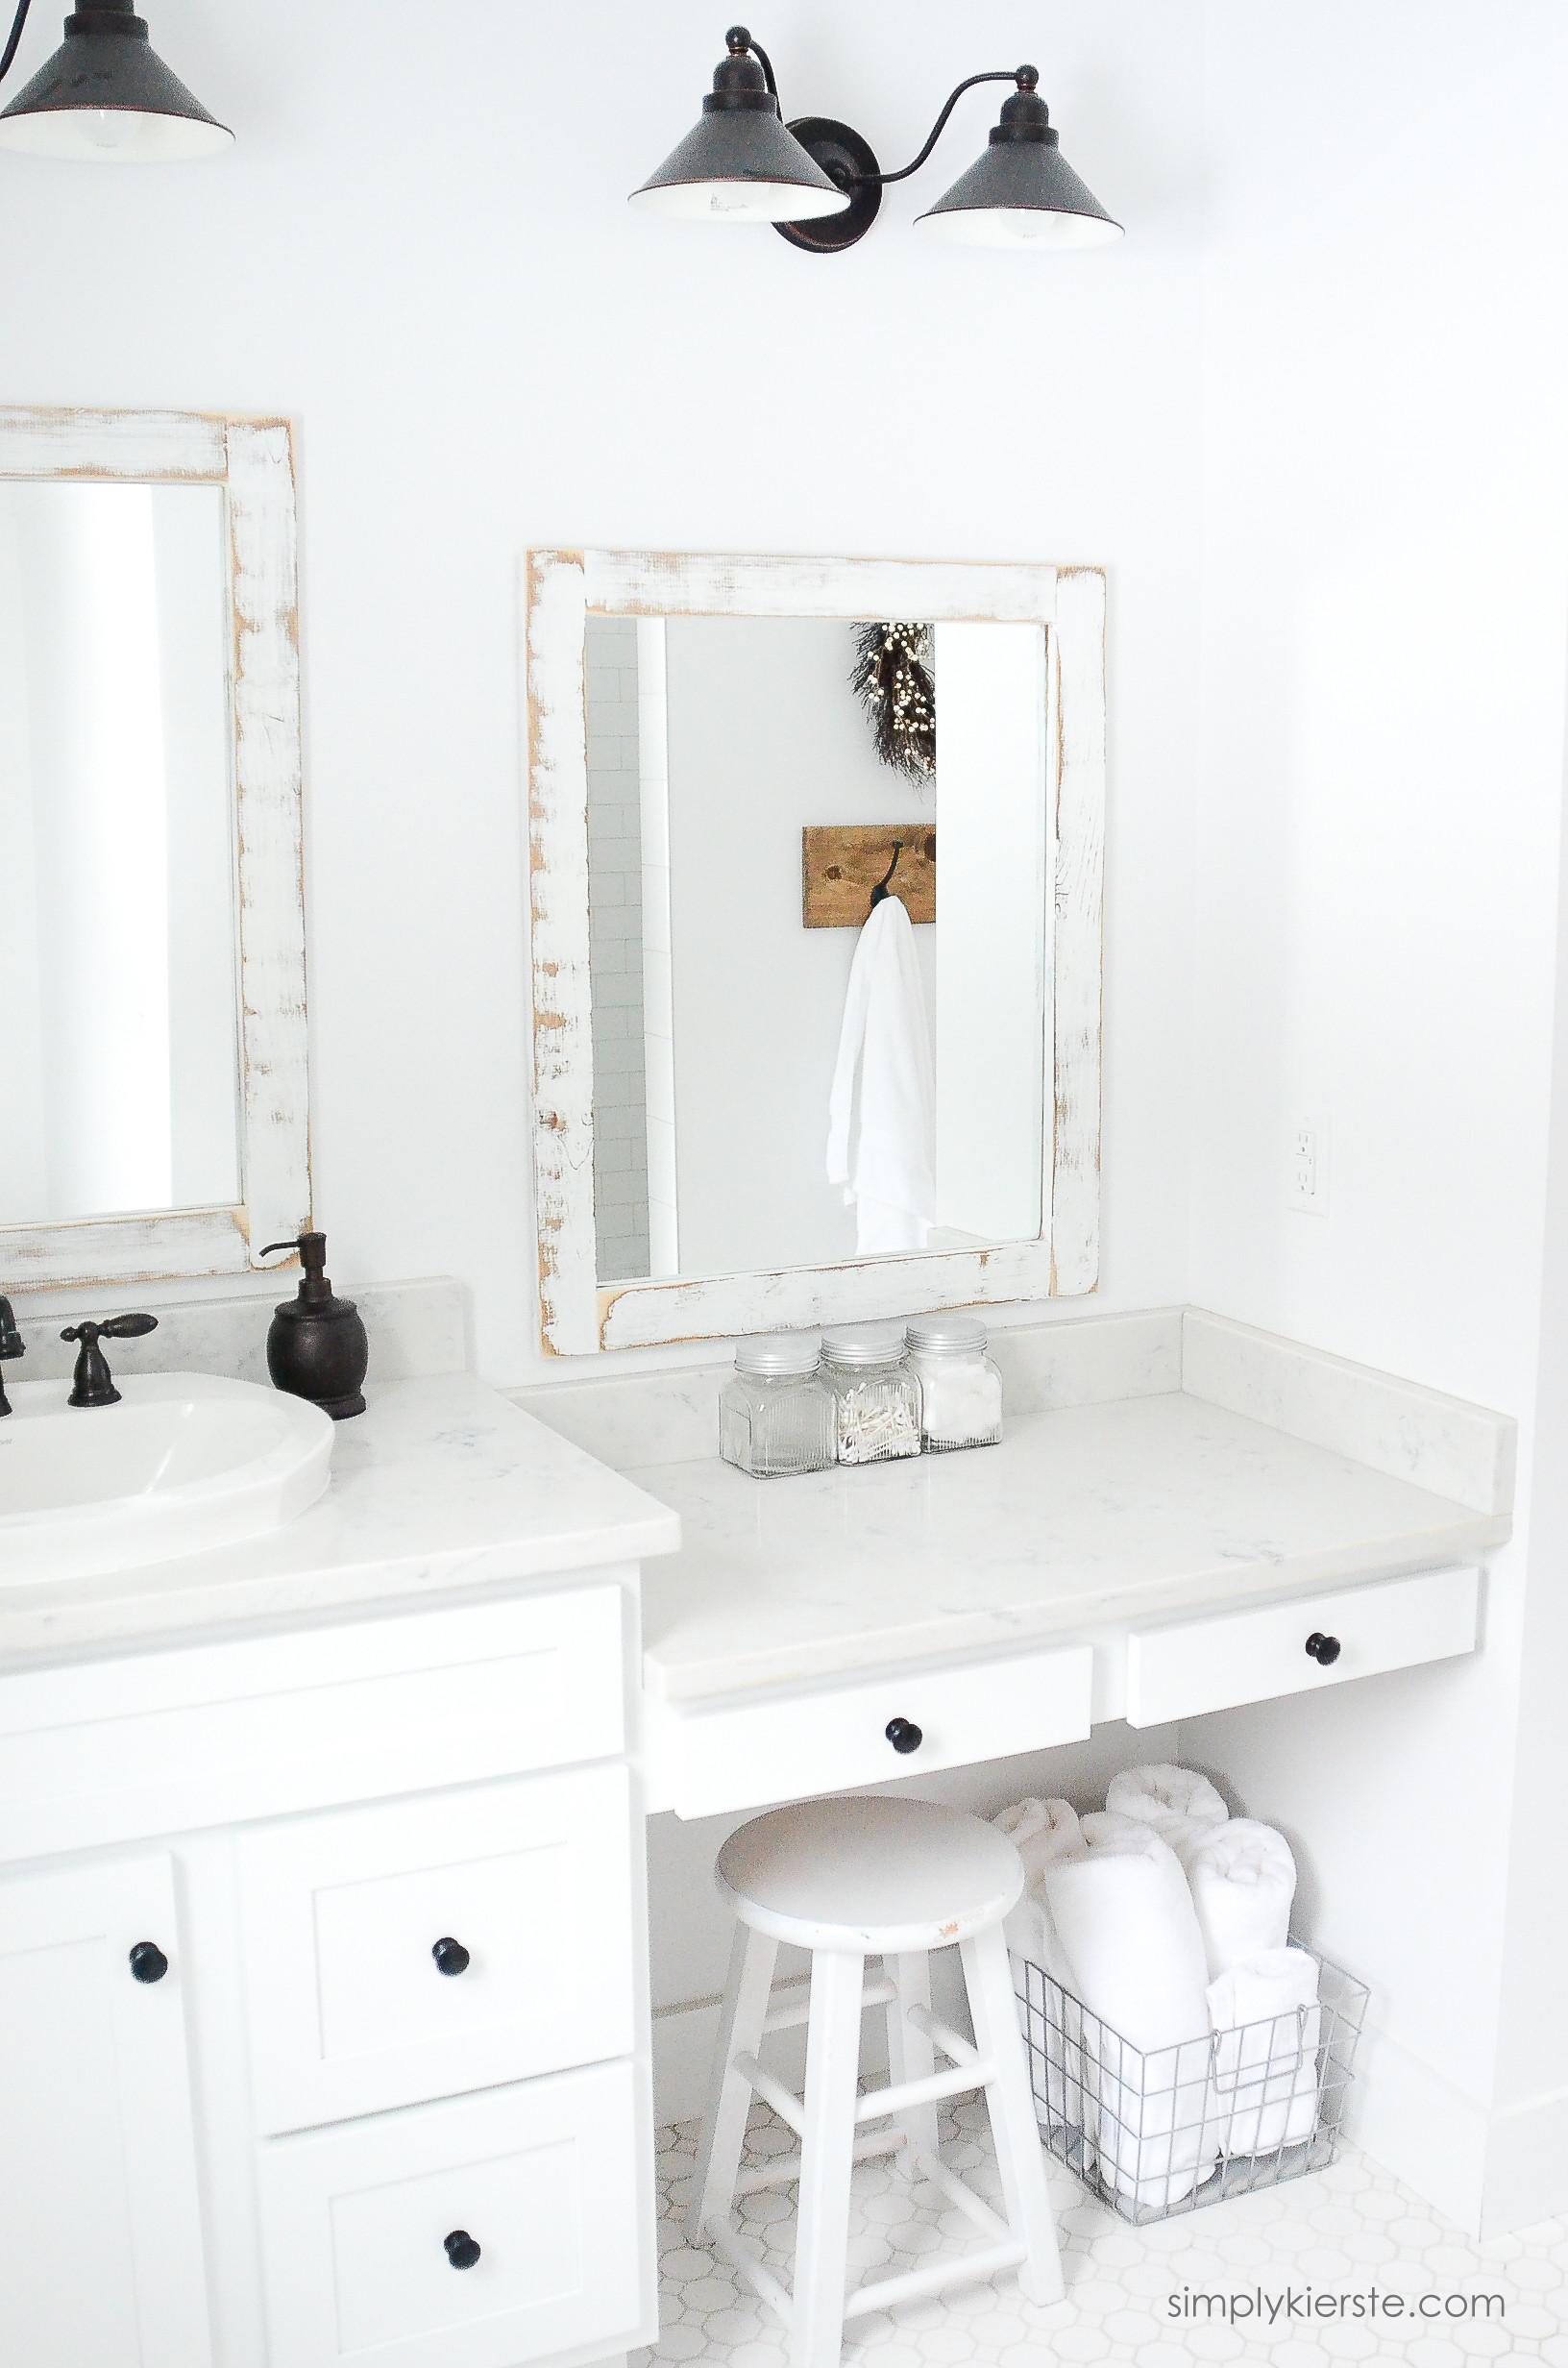 Farmhouse Bathroom Mirrors  Farmhouse Bathroom DIY Framed Mirrors Simply Kierste